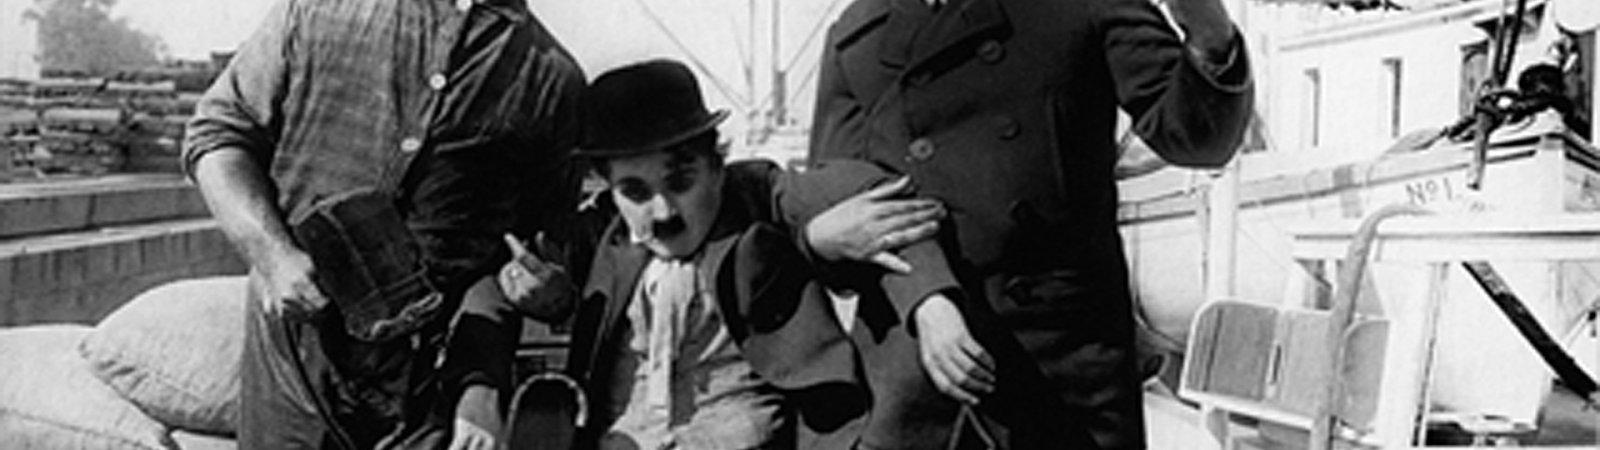 Photo dernier film Wesley  Ruggles